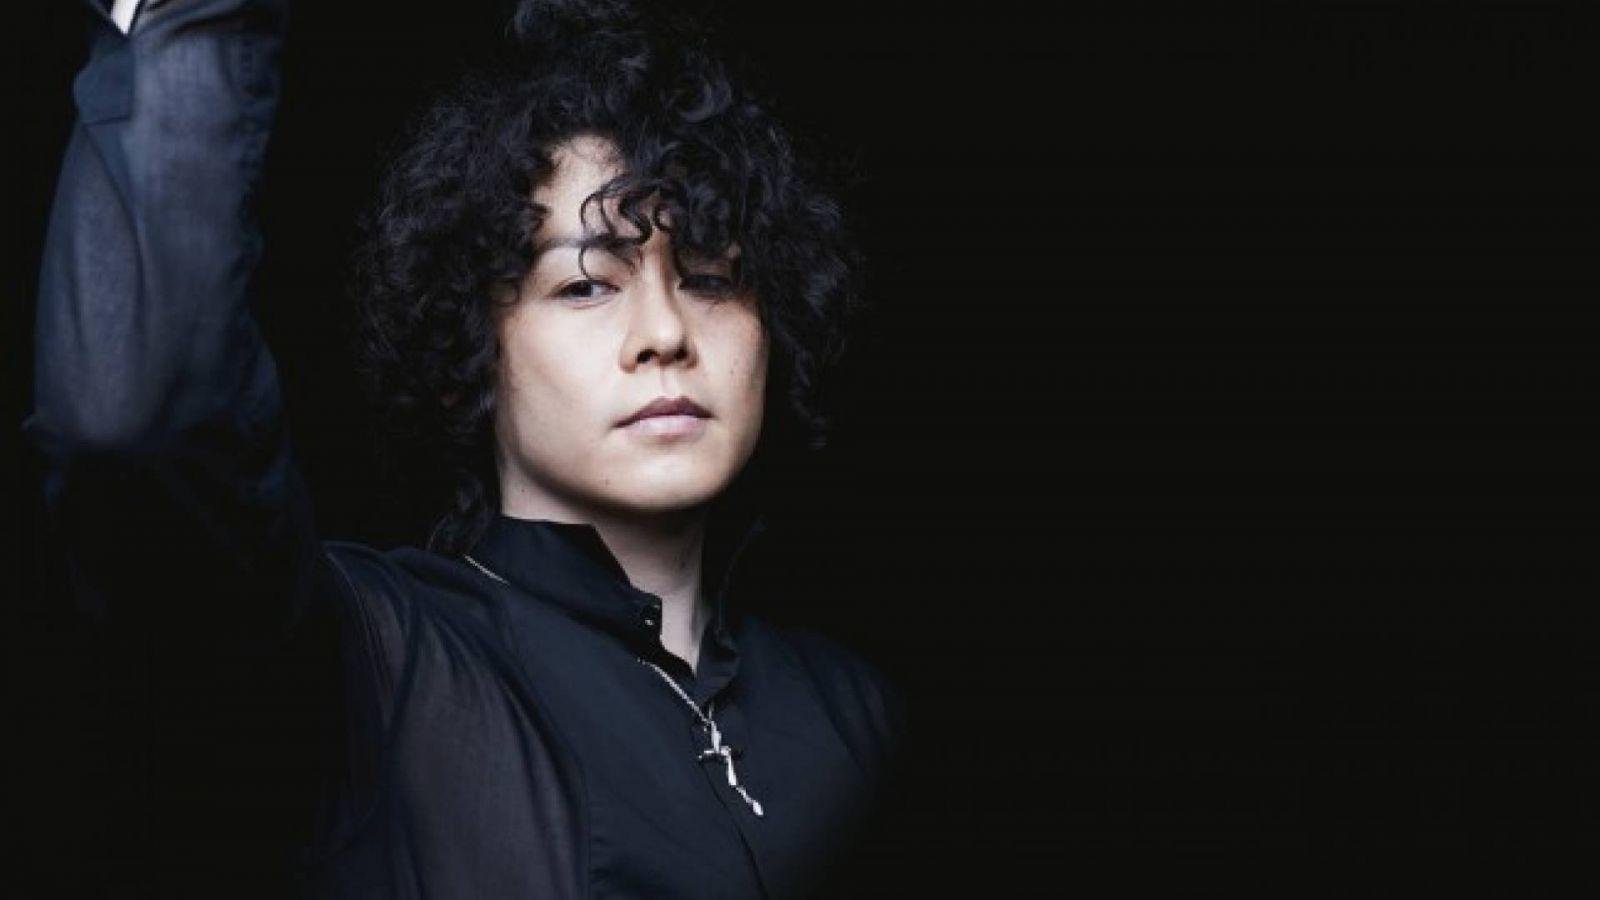 Kawamura Ryuichi © Avex Entertainment Inc.